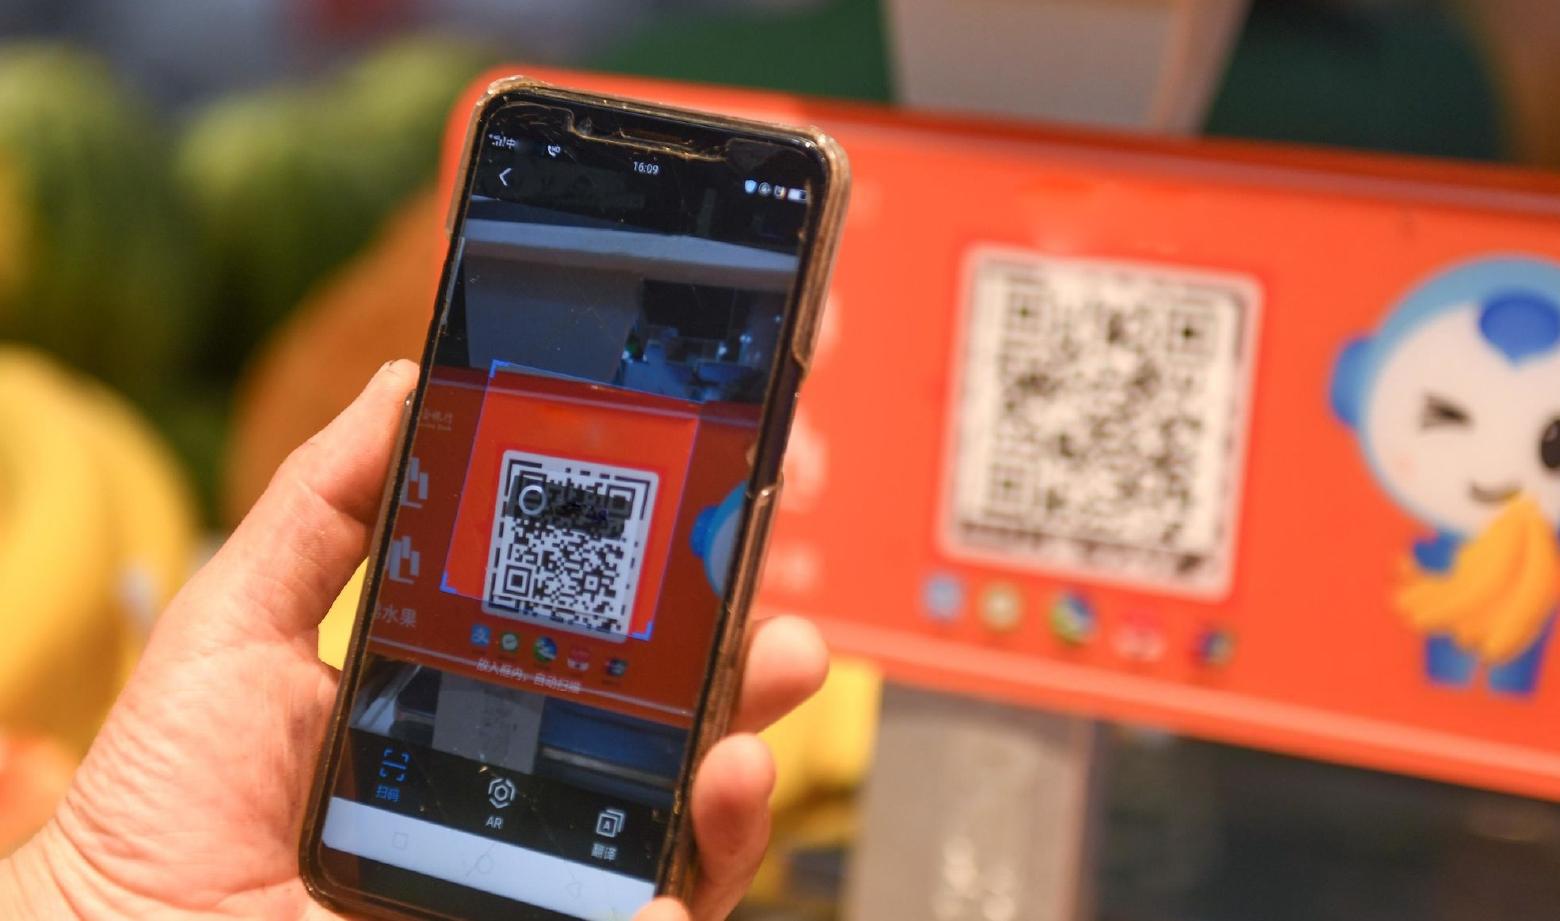 Innovación digital: ¿por qué implementar códigos QR en etiquetas?